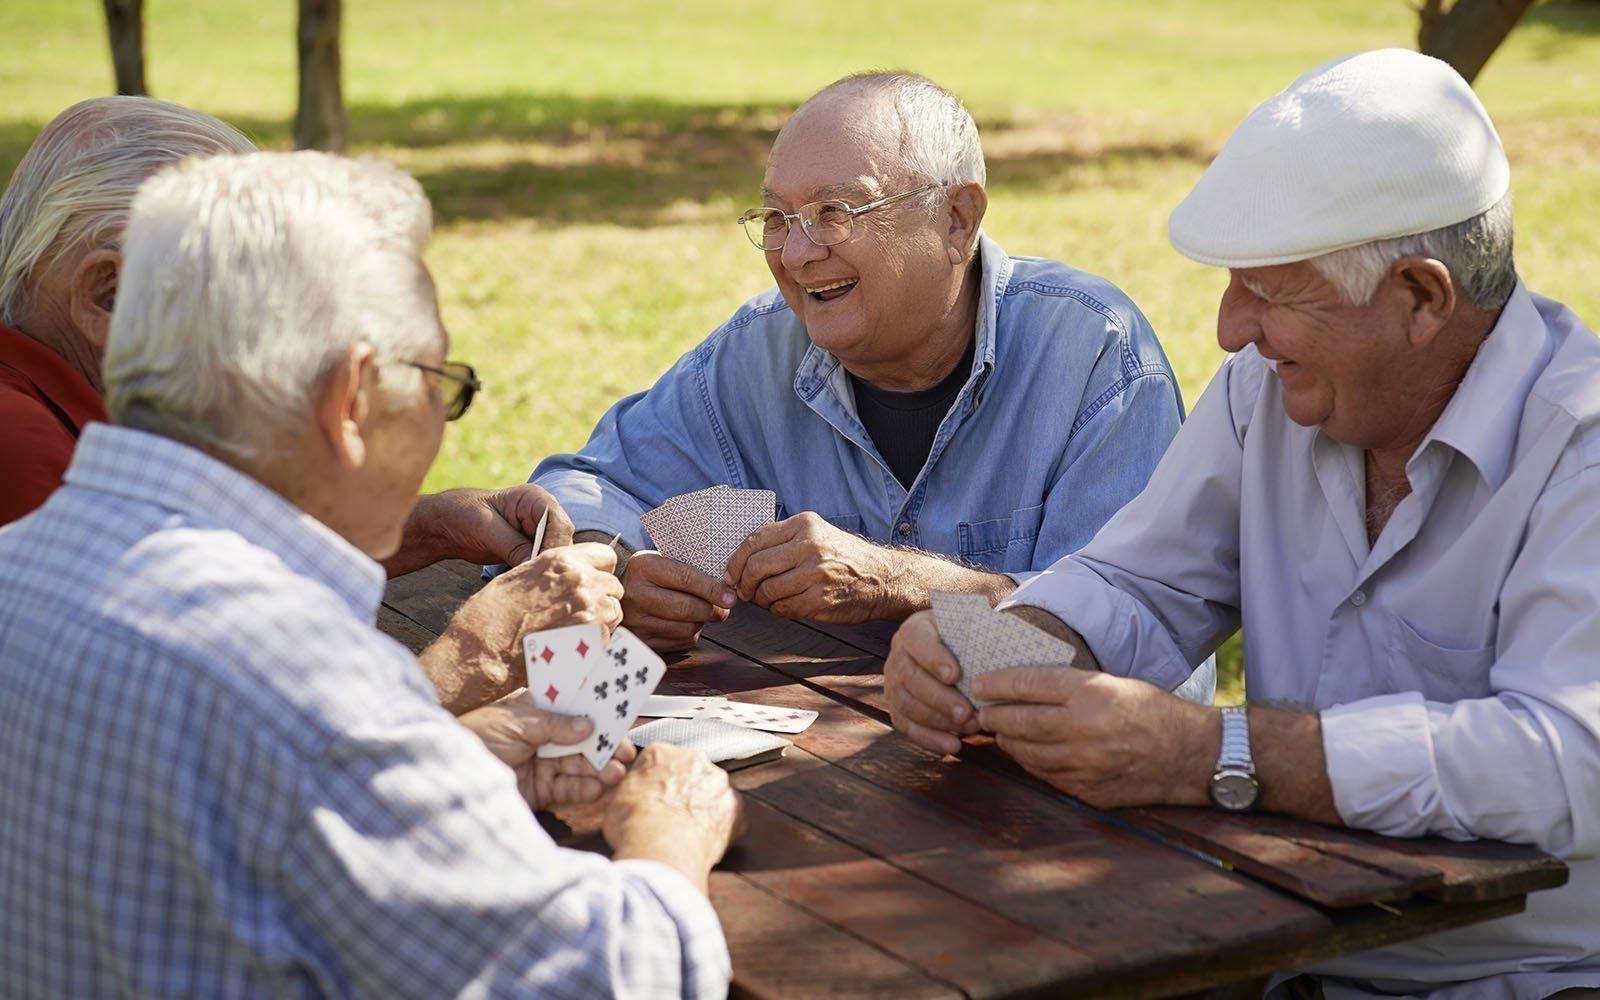 dei signori anziani seduti a un tavolo all'aperto mentre giocano a carte